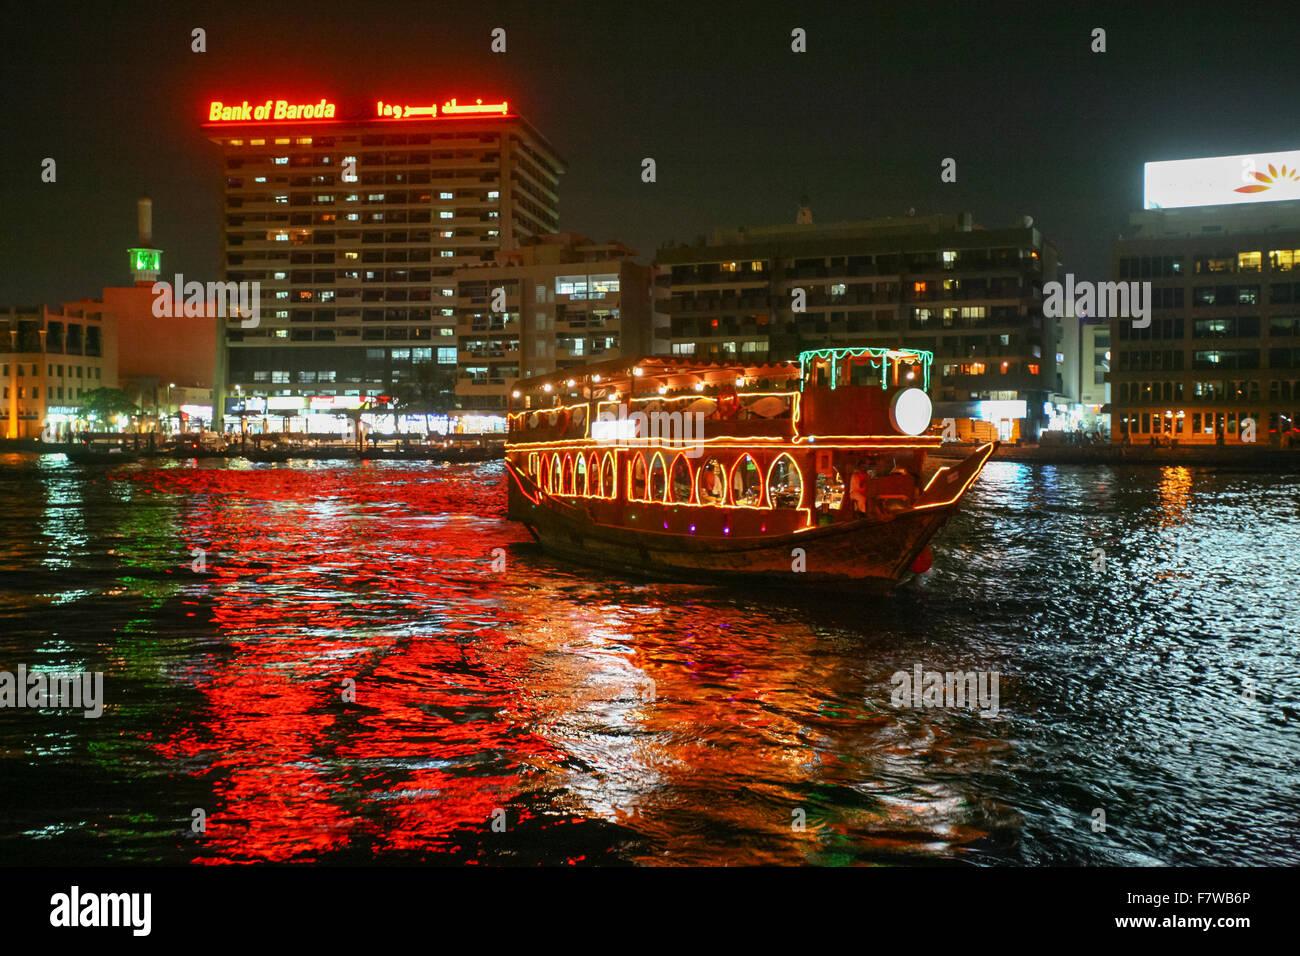 Crucero en dhow, Dubai, Emiratos Árabes Unidos. Imagen De Stock